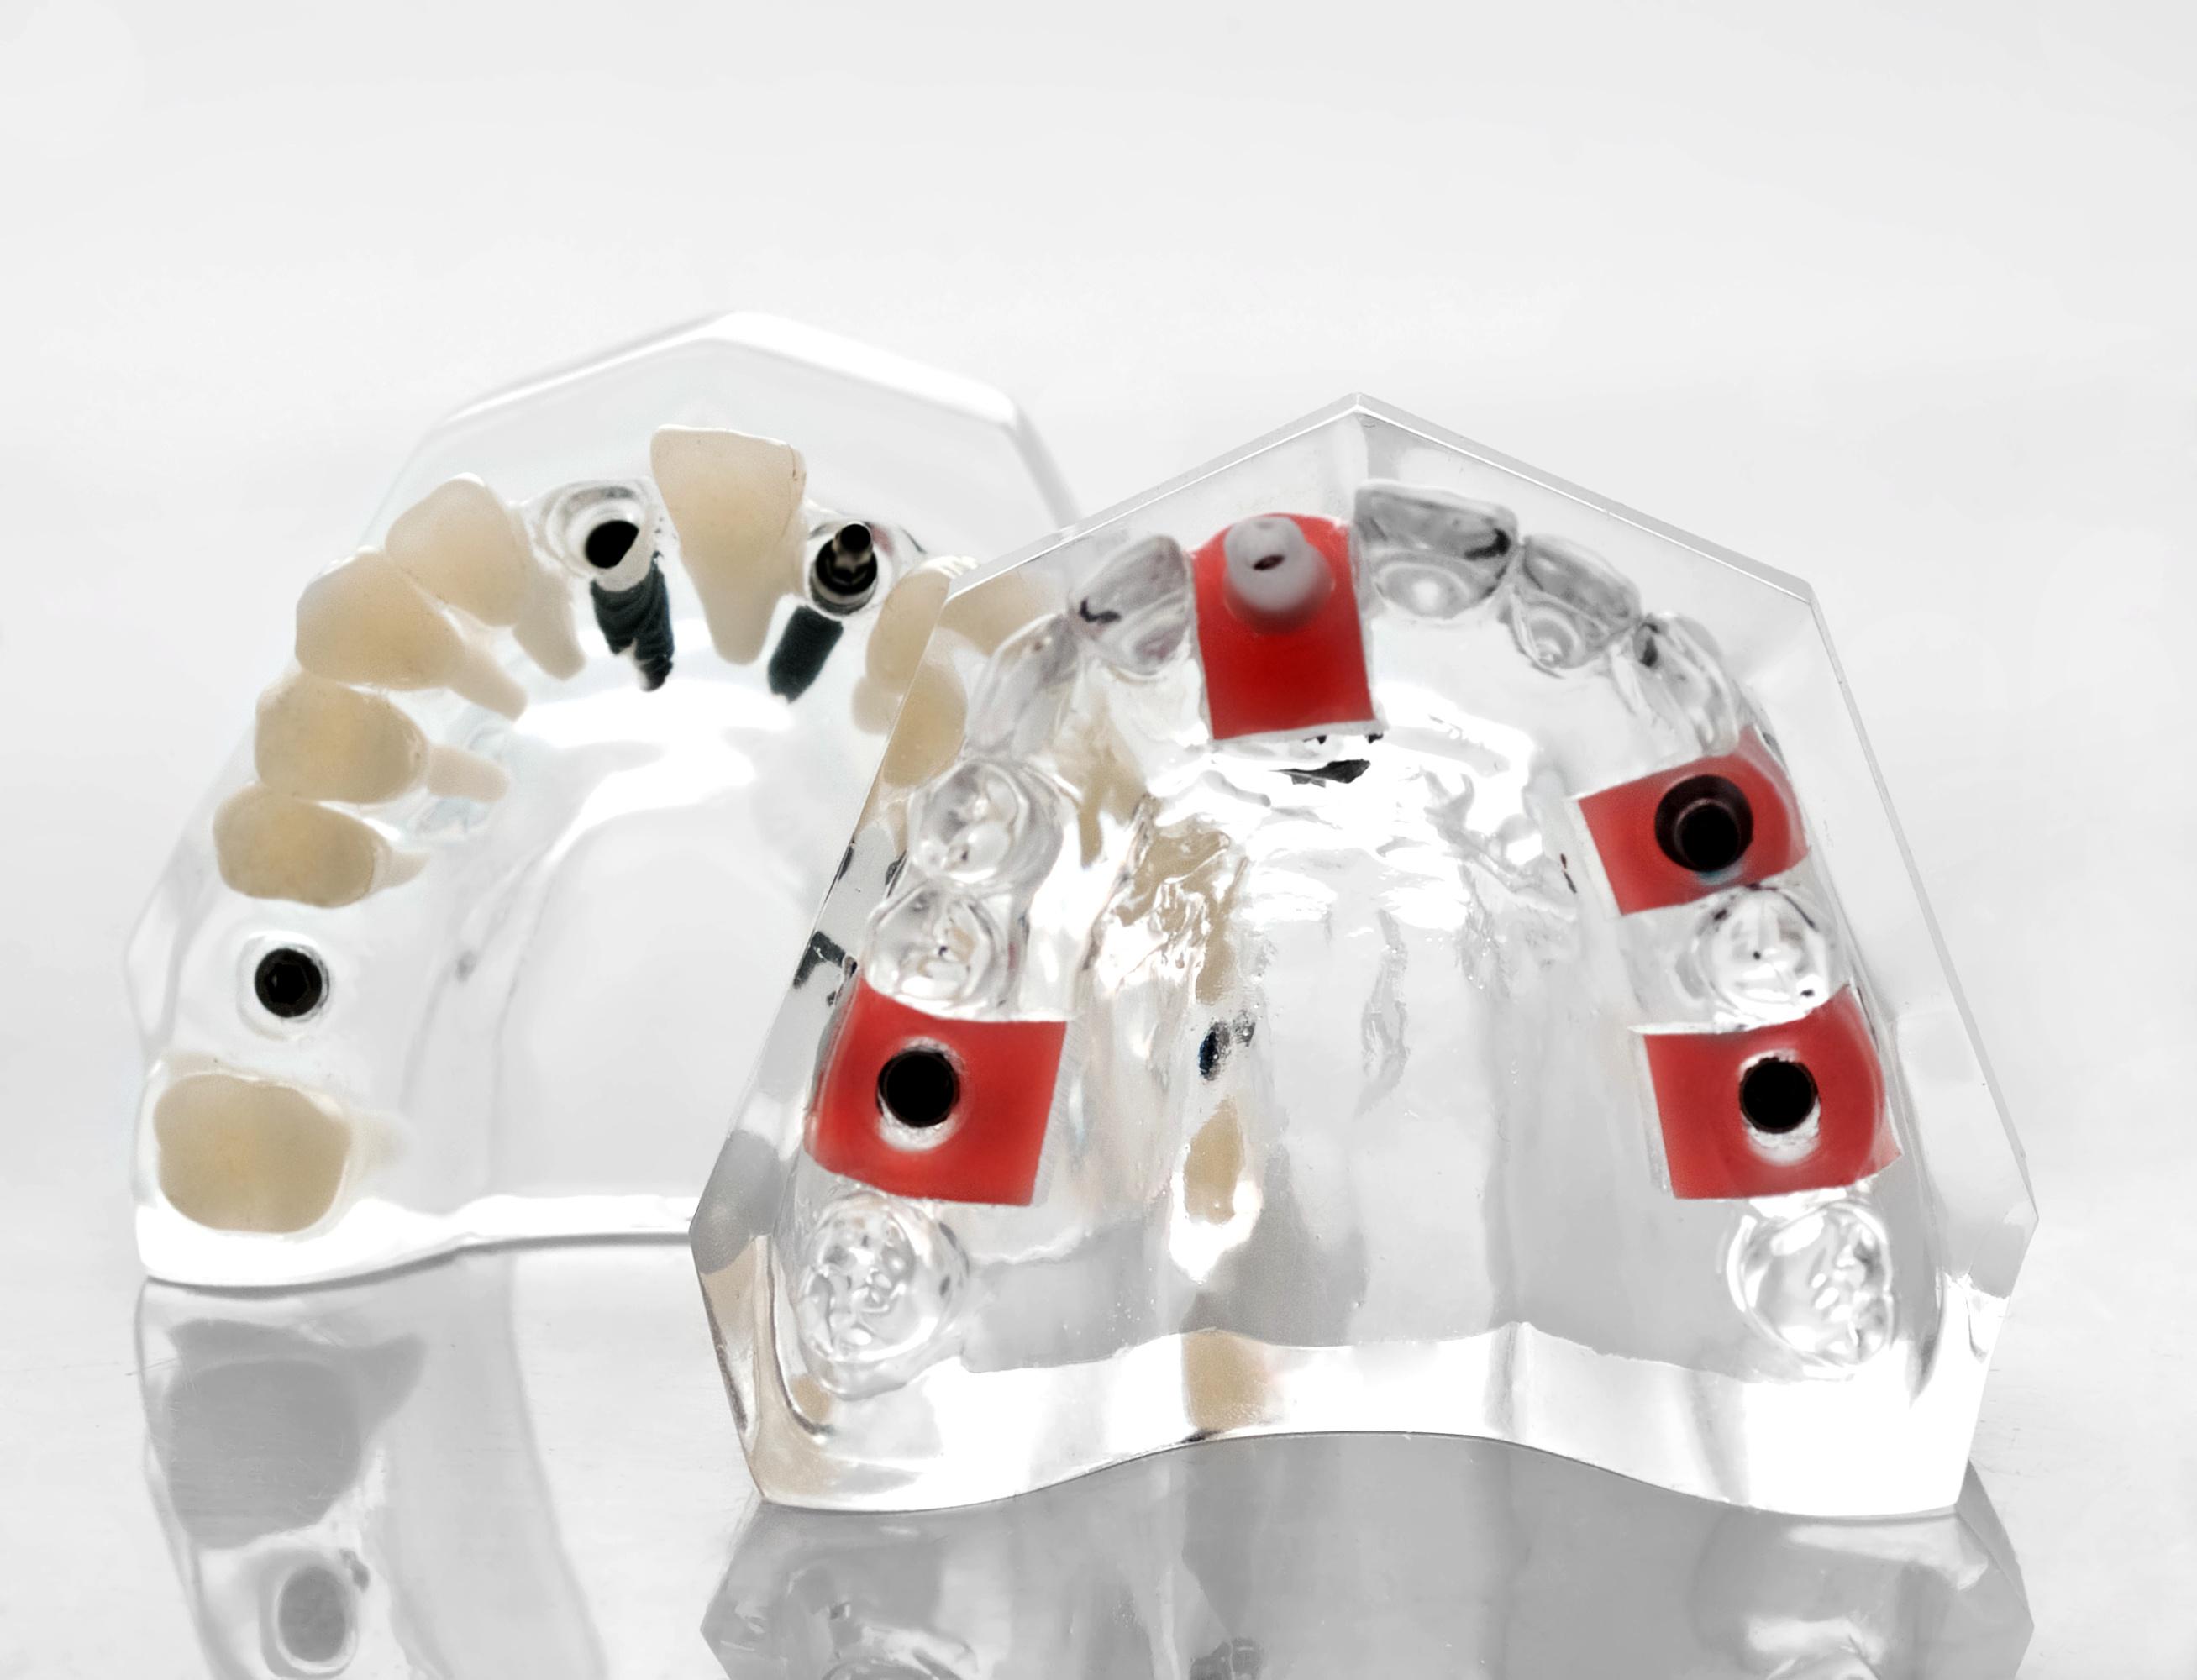 jorgensen, vancouver dentist, over dentures, dental implants